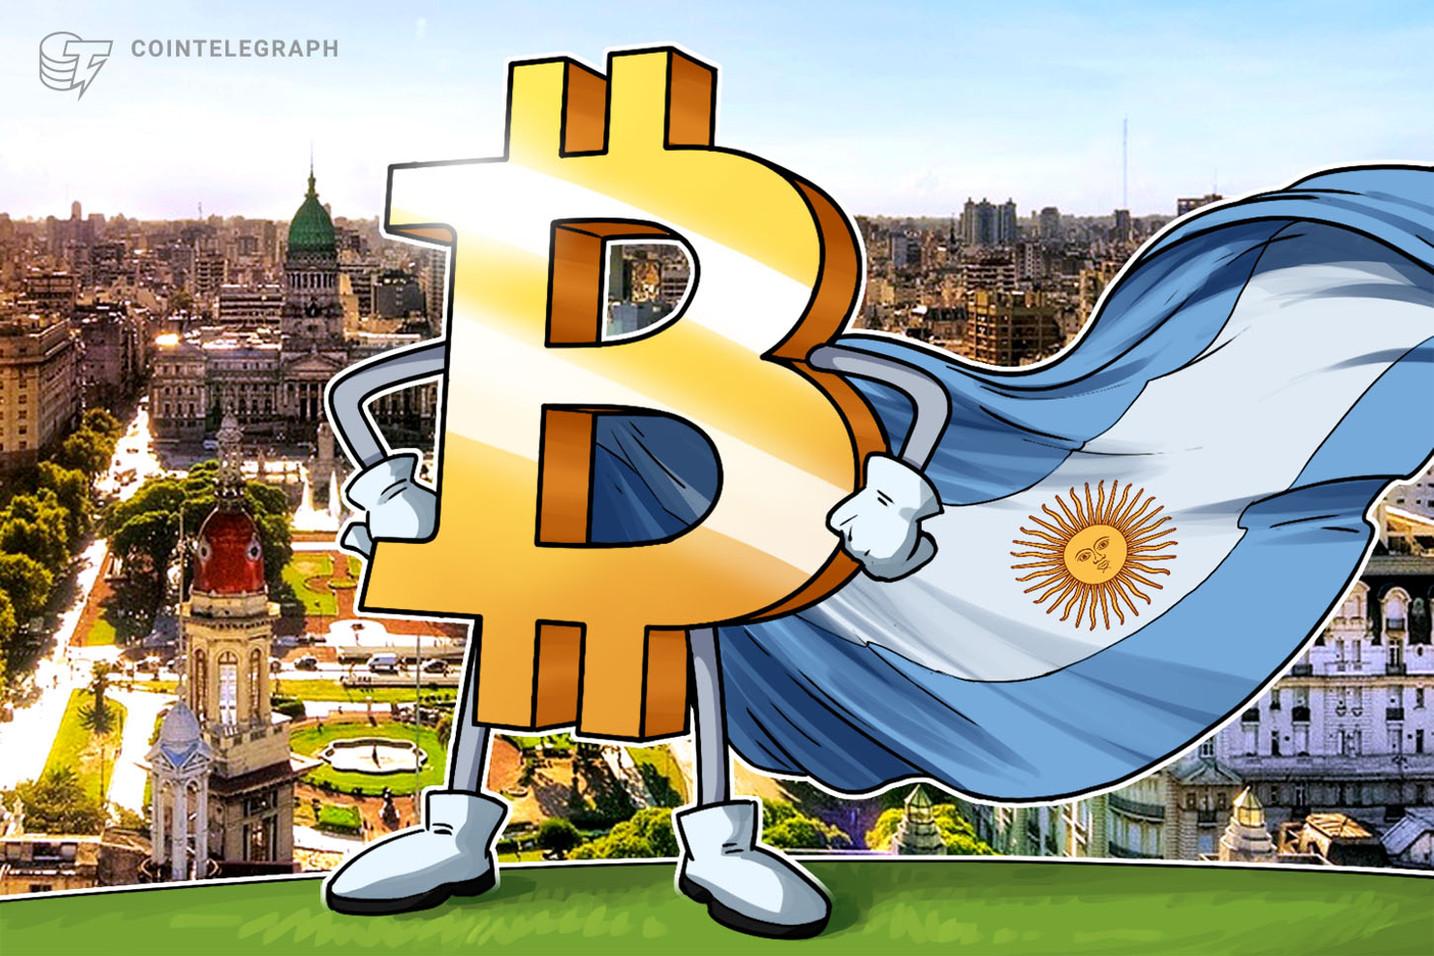 仮想通貨ビットコイン、アルゼンチンで1500ドル超のプレミアム 資本規制の影響か